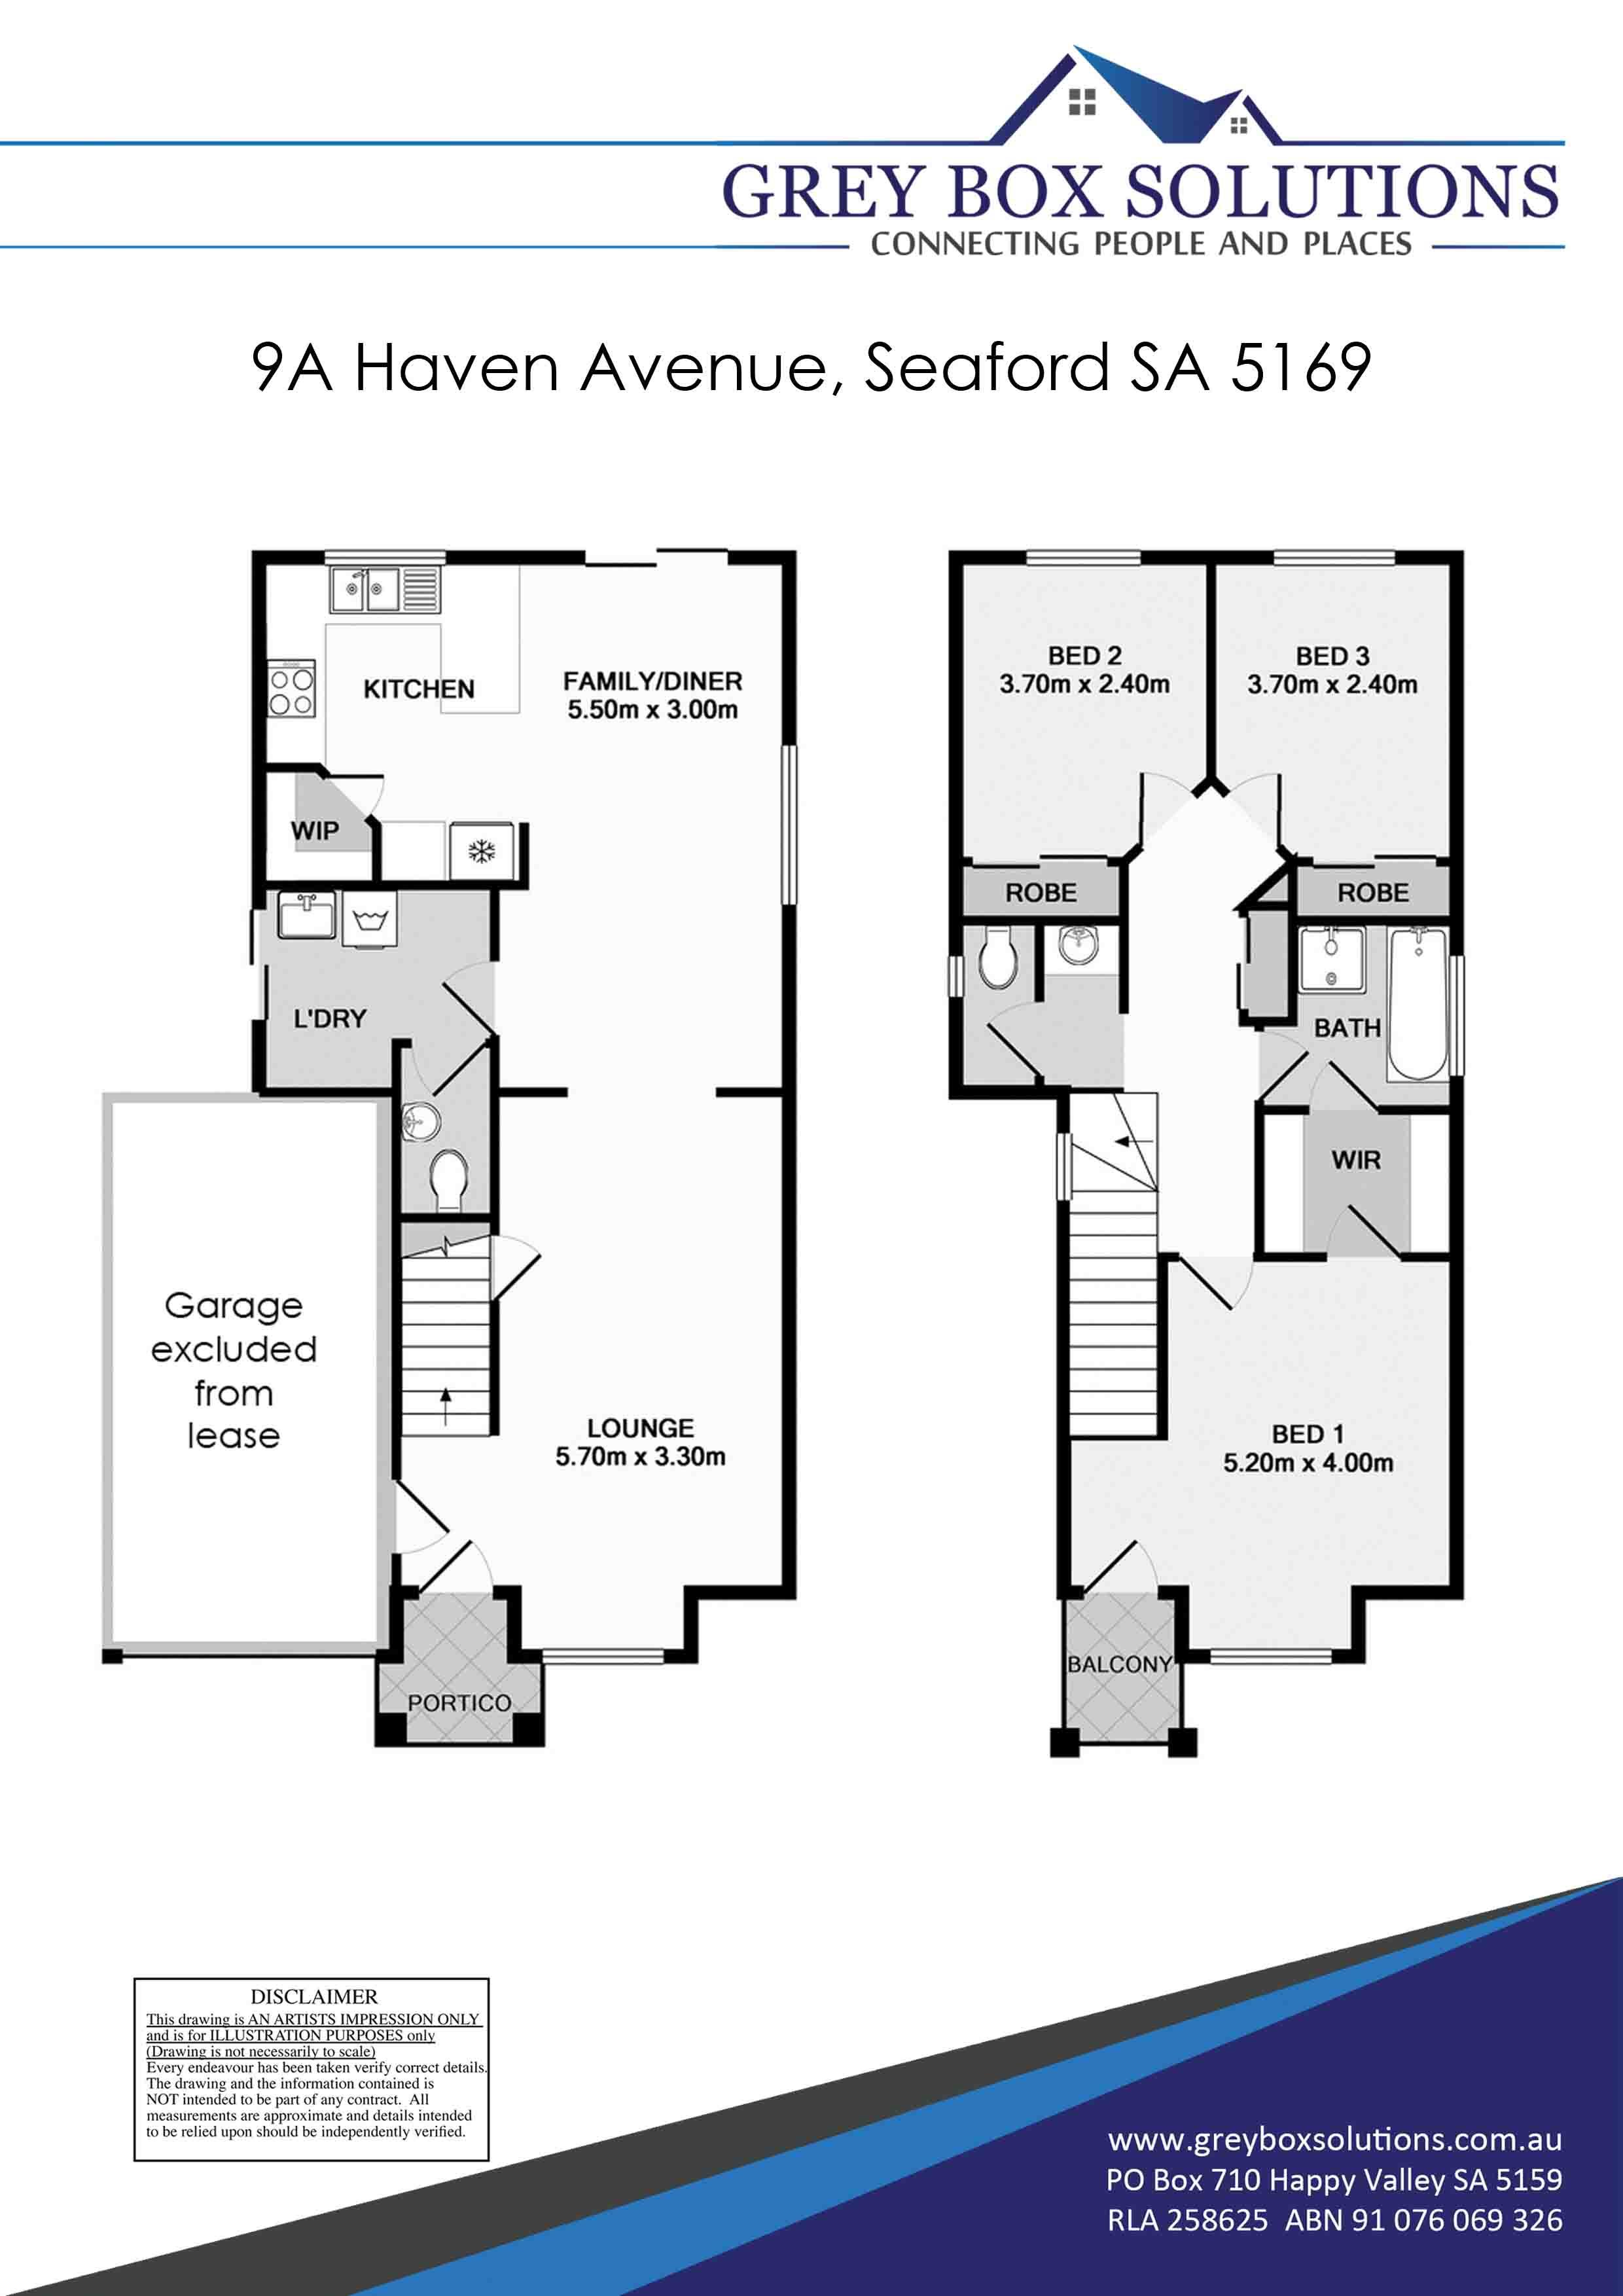 12. Floor Plan